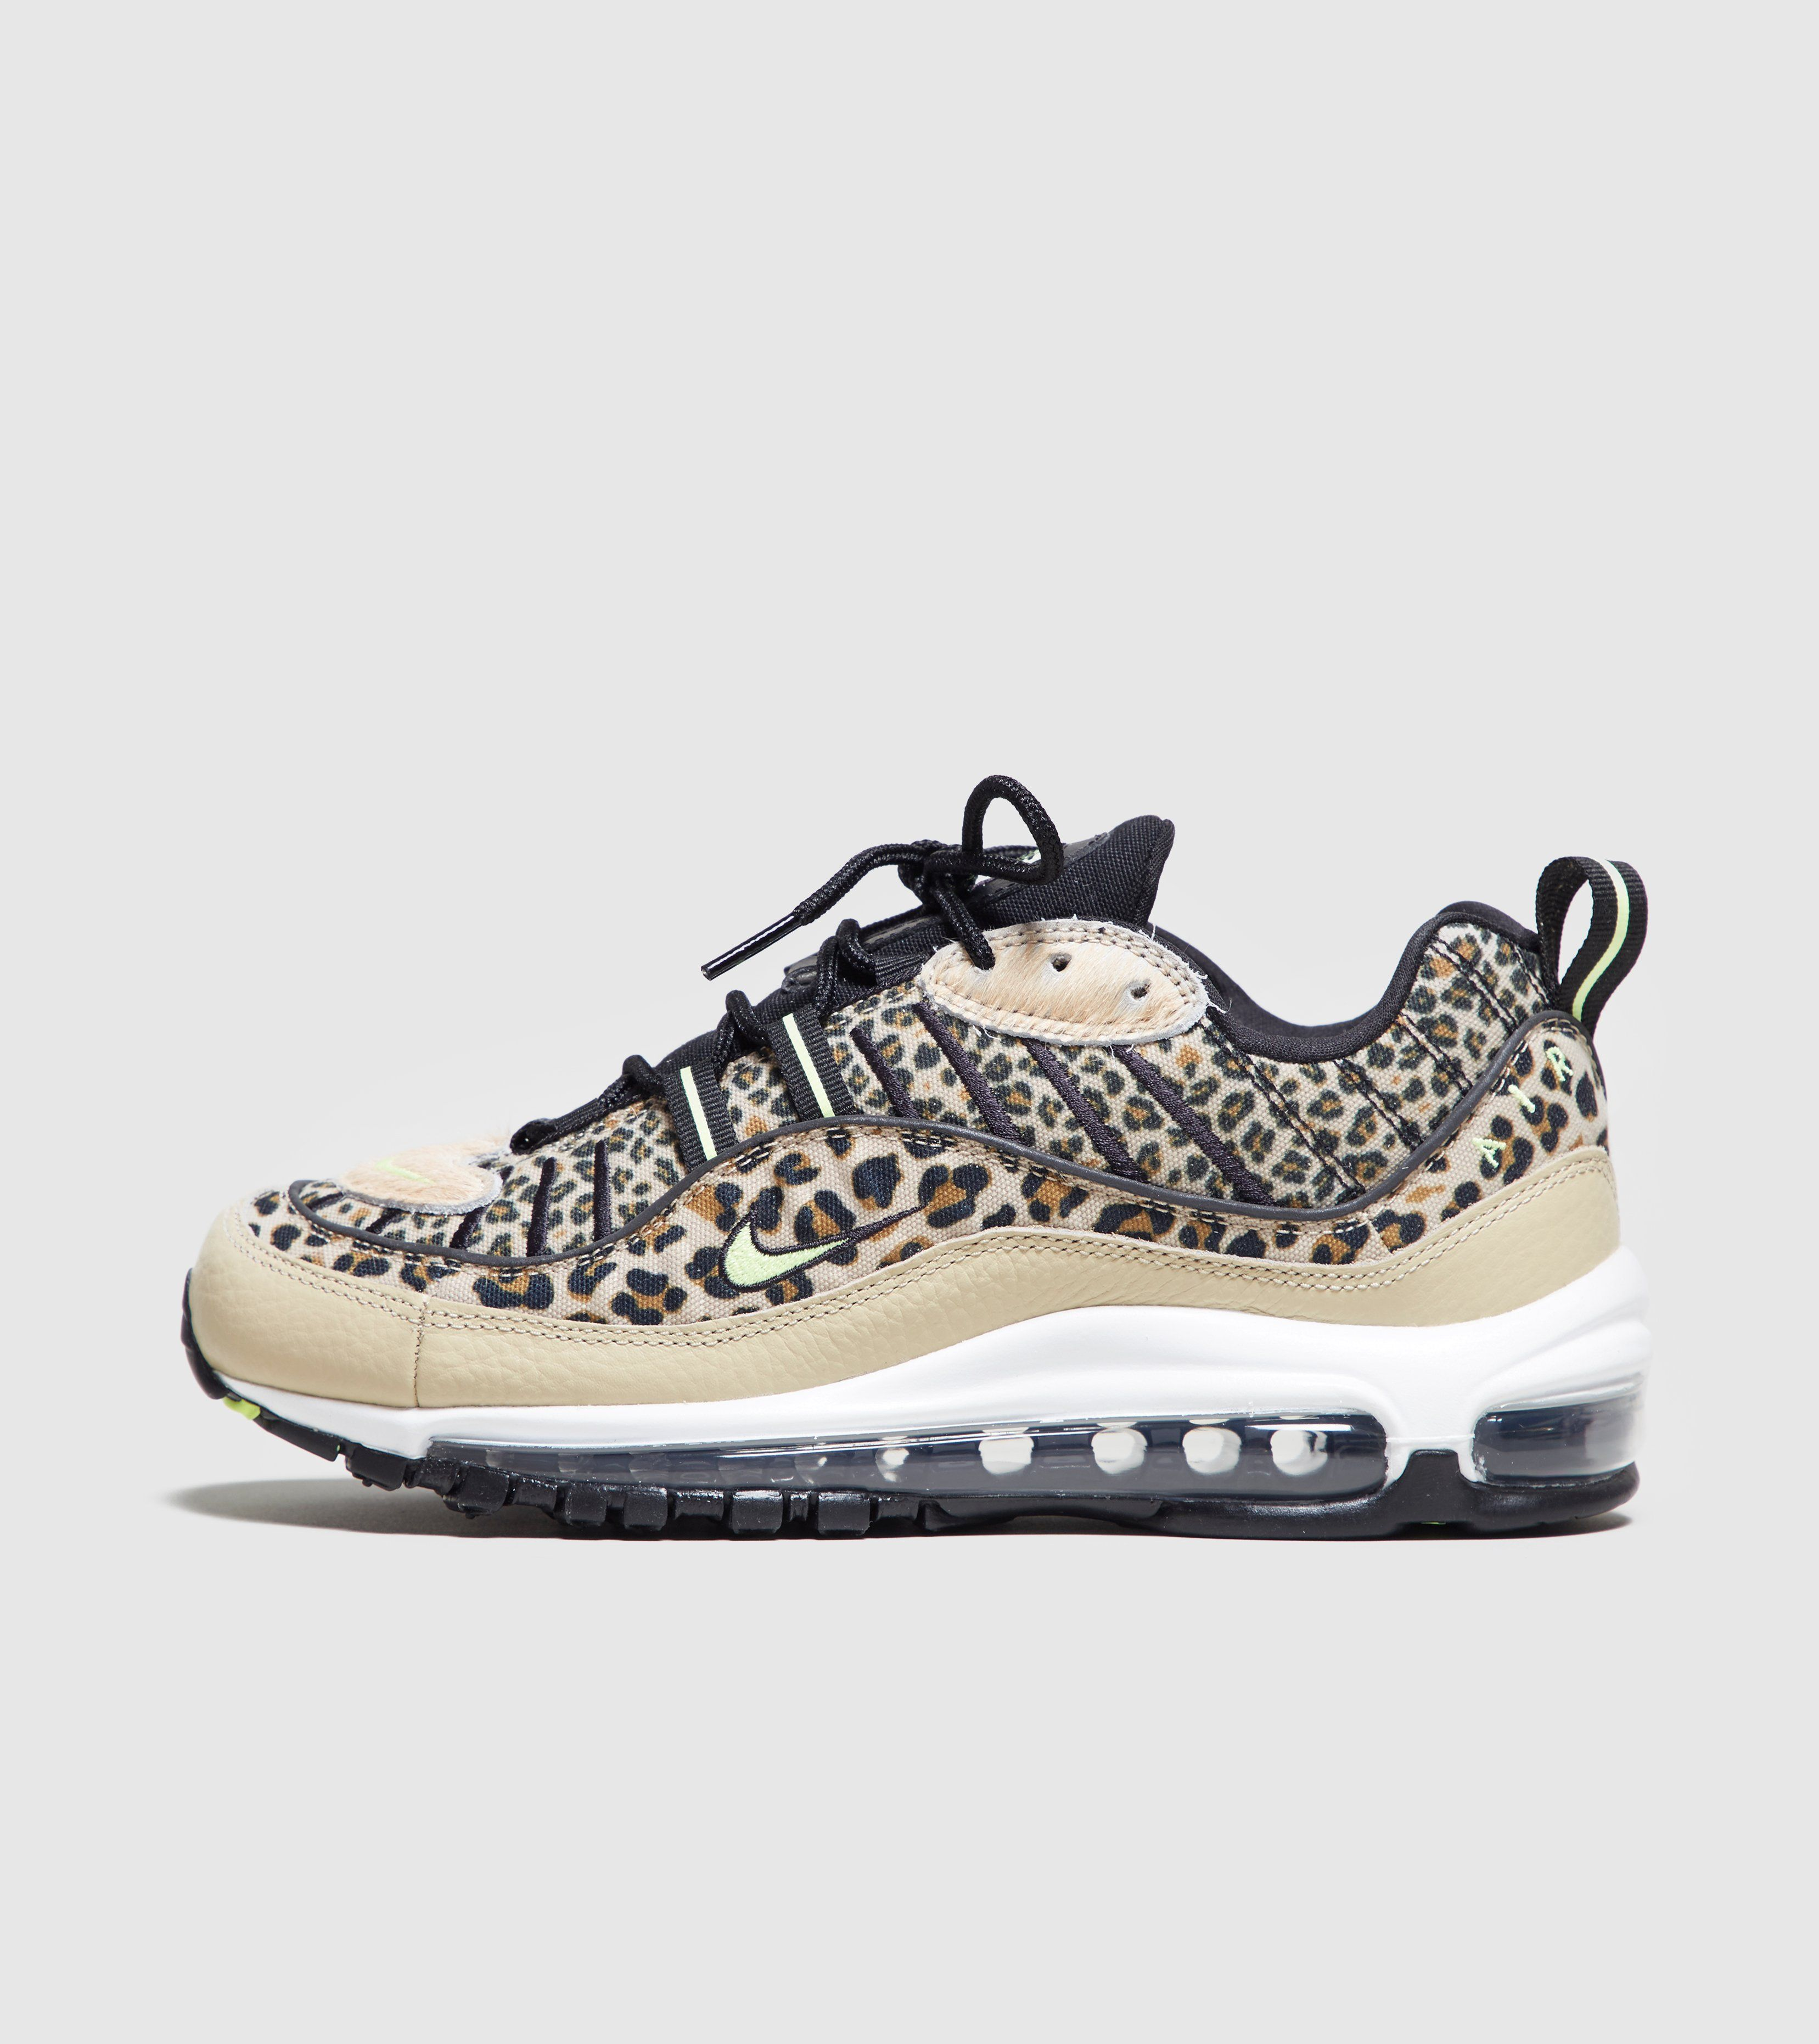 Nike Air Max 98 'Leopard'